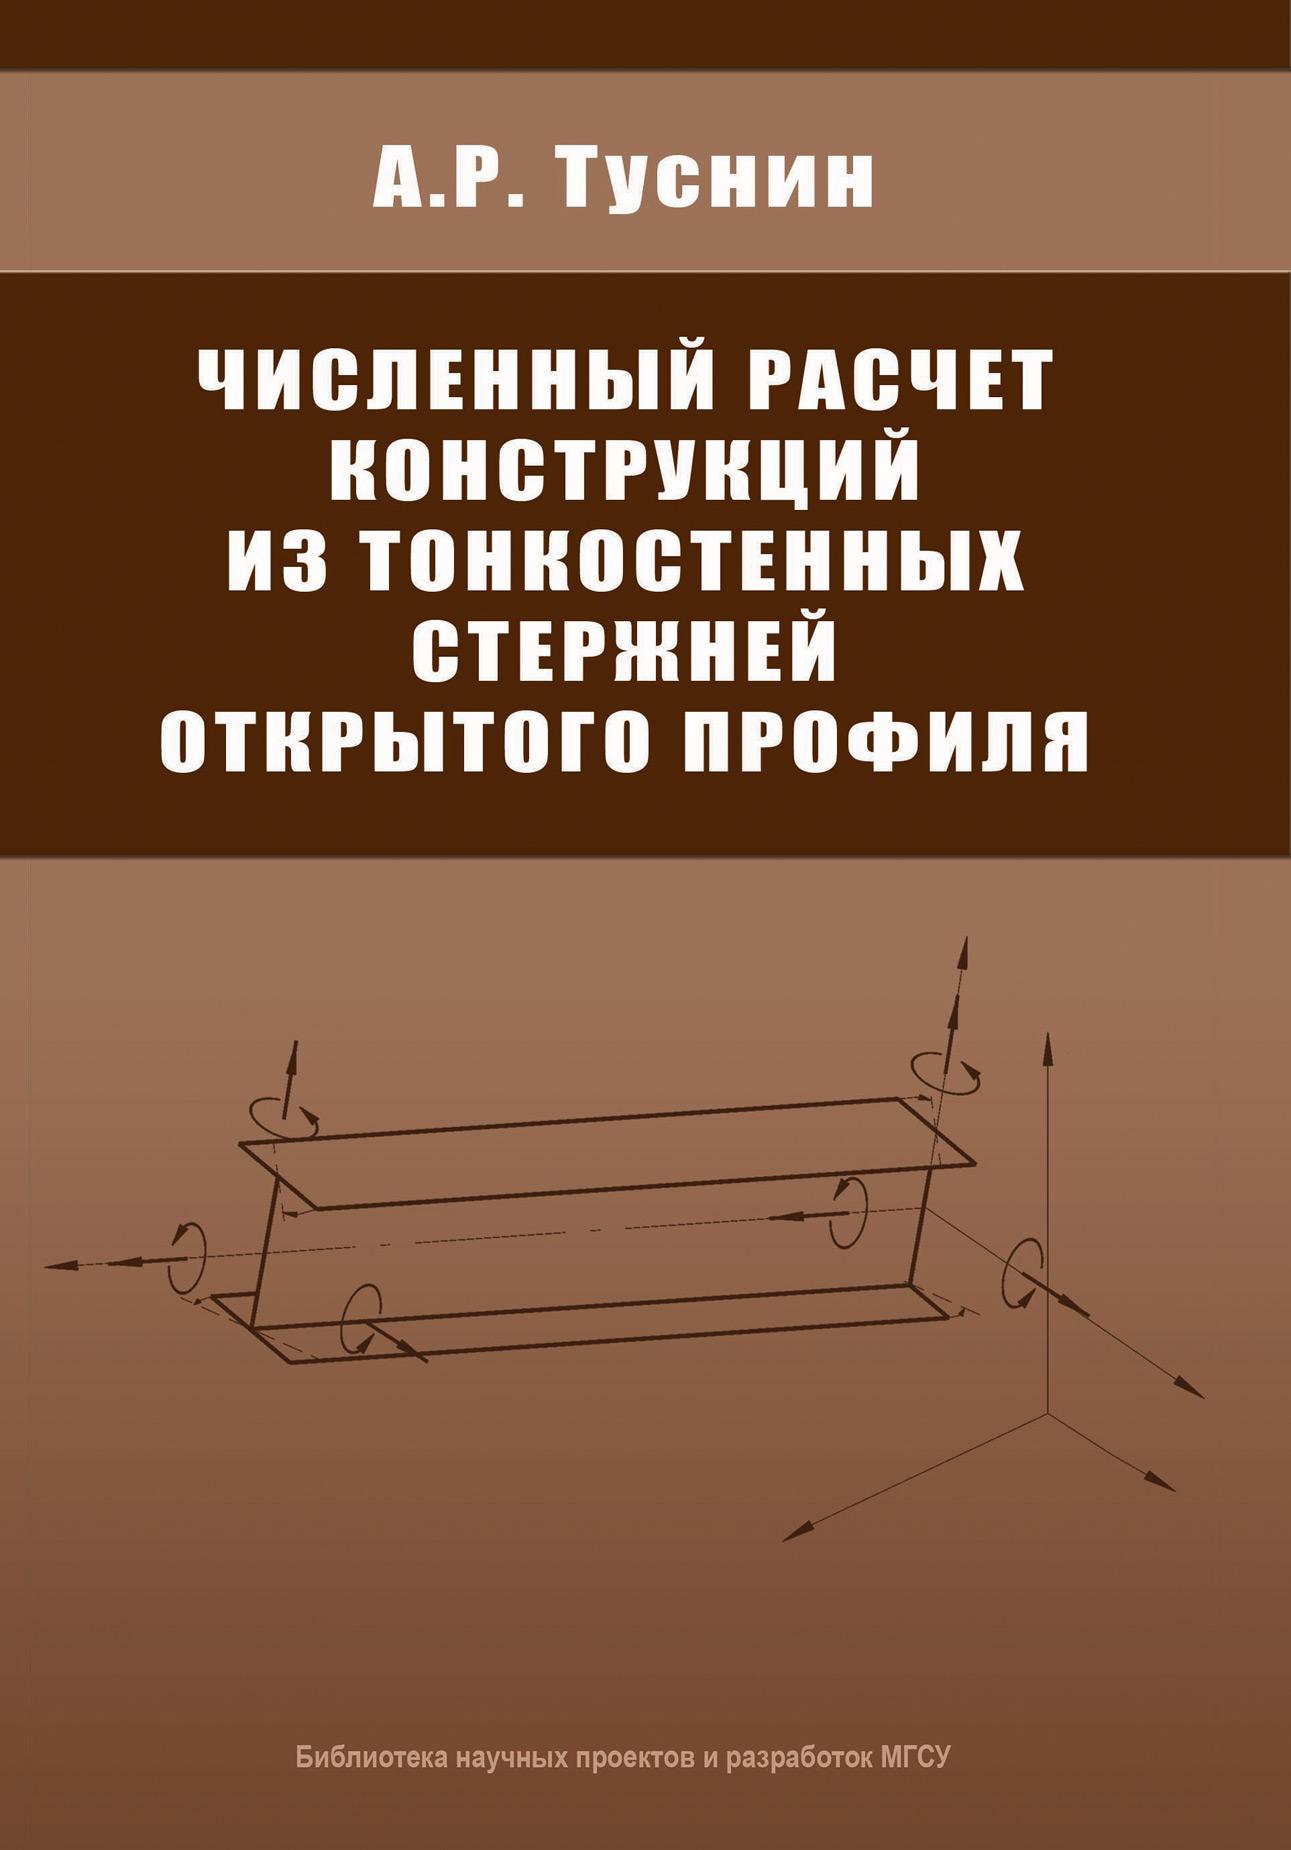 А. Р. Туснин Численный расчет конструкций из тонкостенных стержней открытого профиля